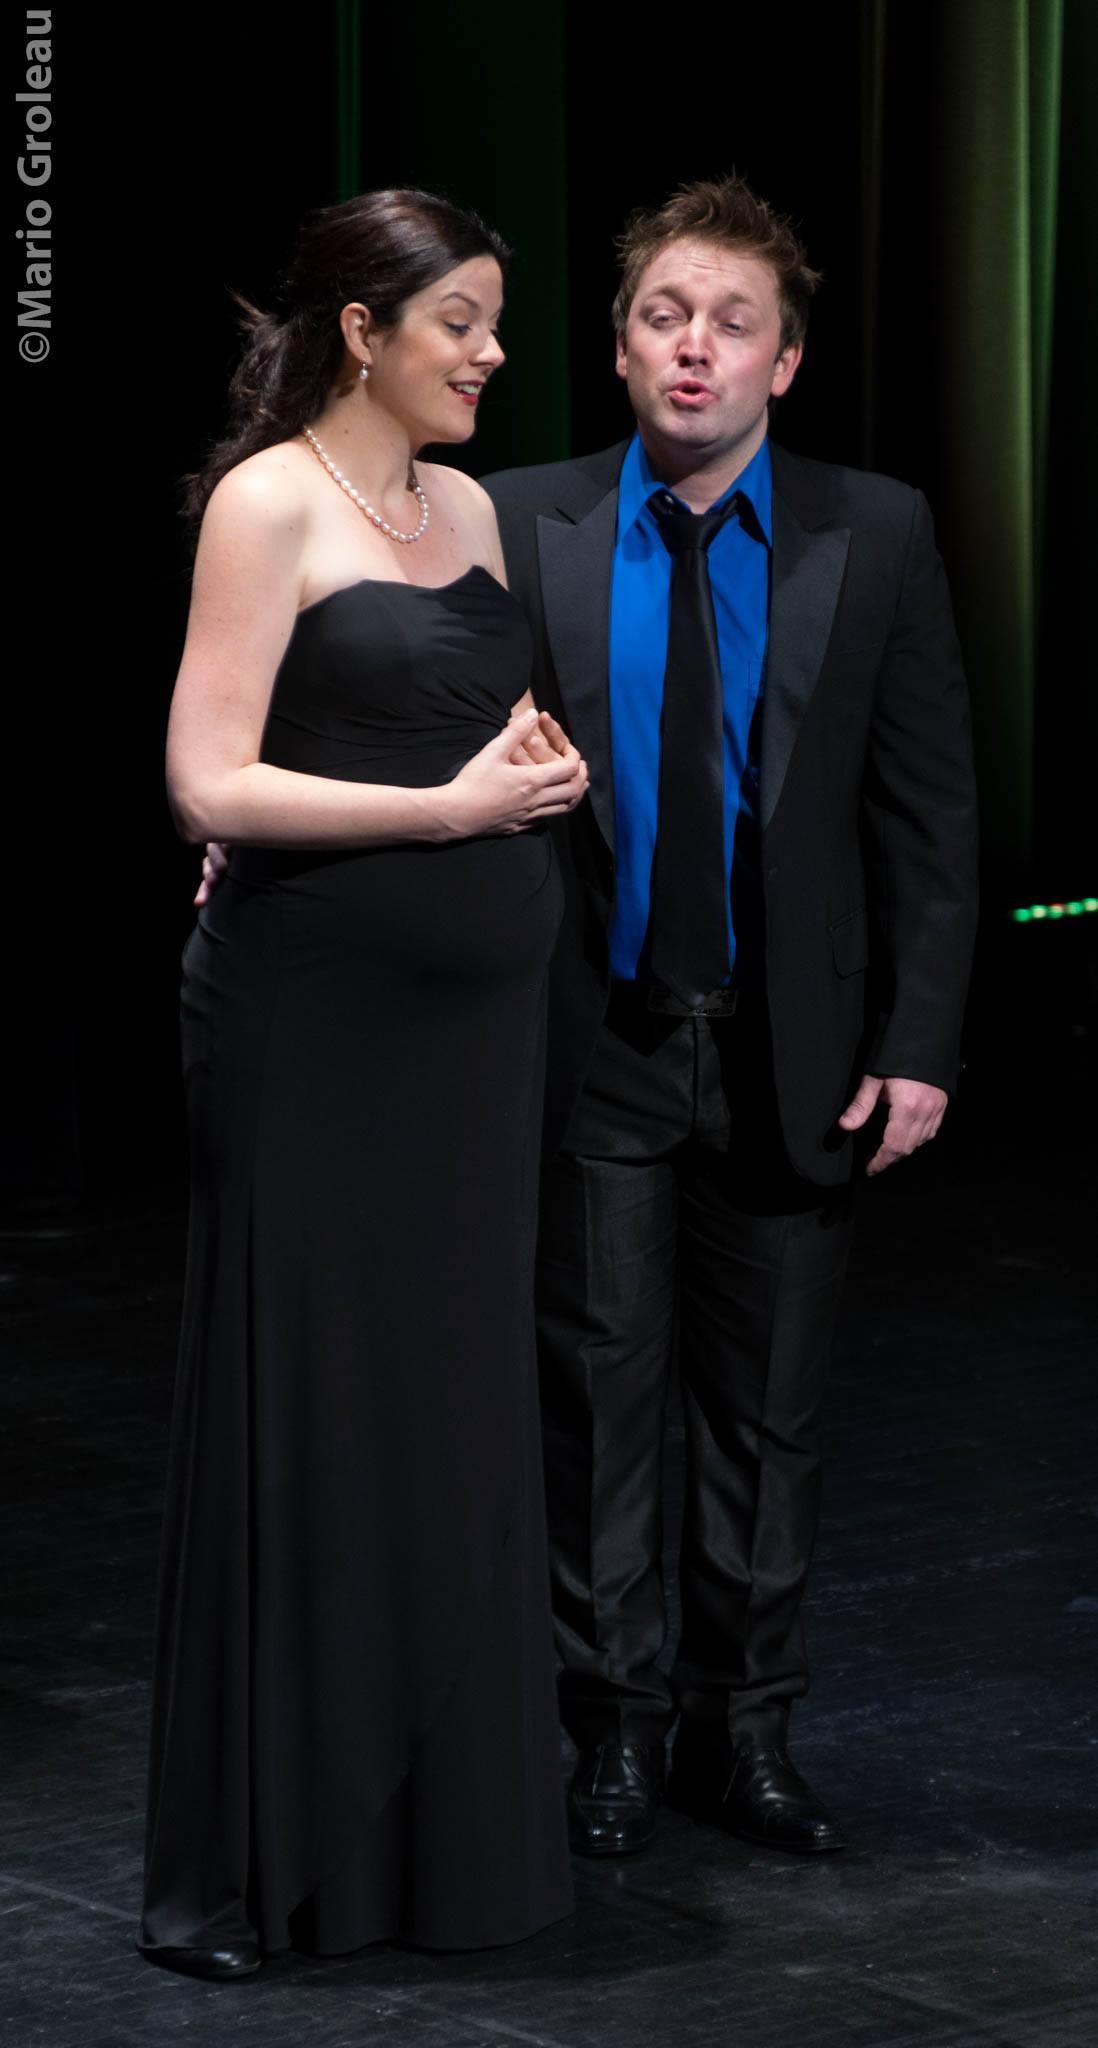 Recital, J-O, Maude Brunet